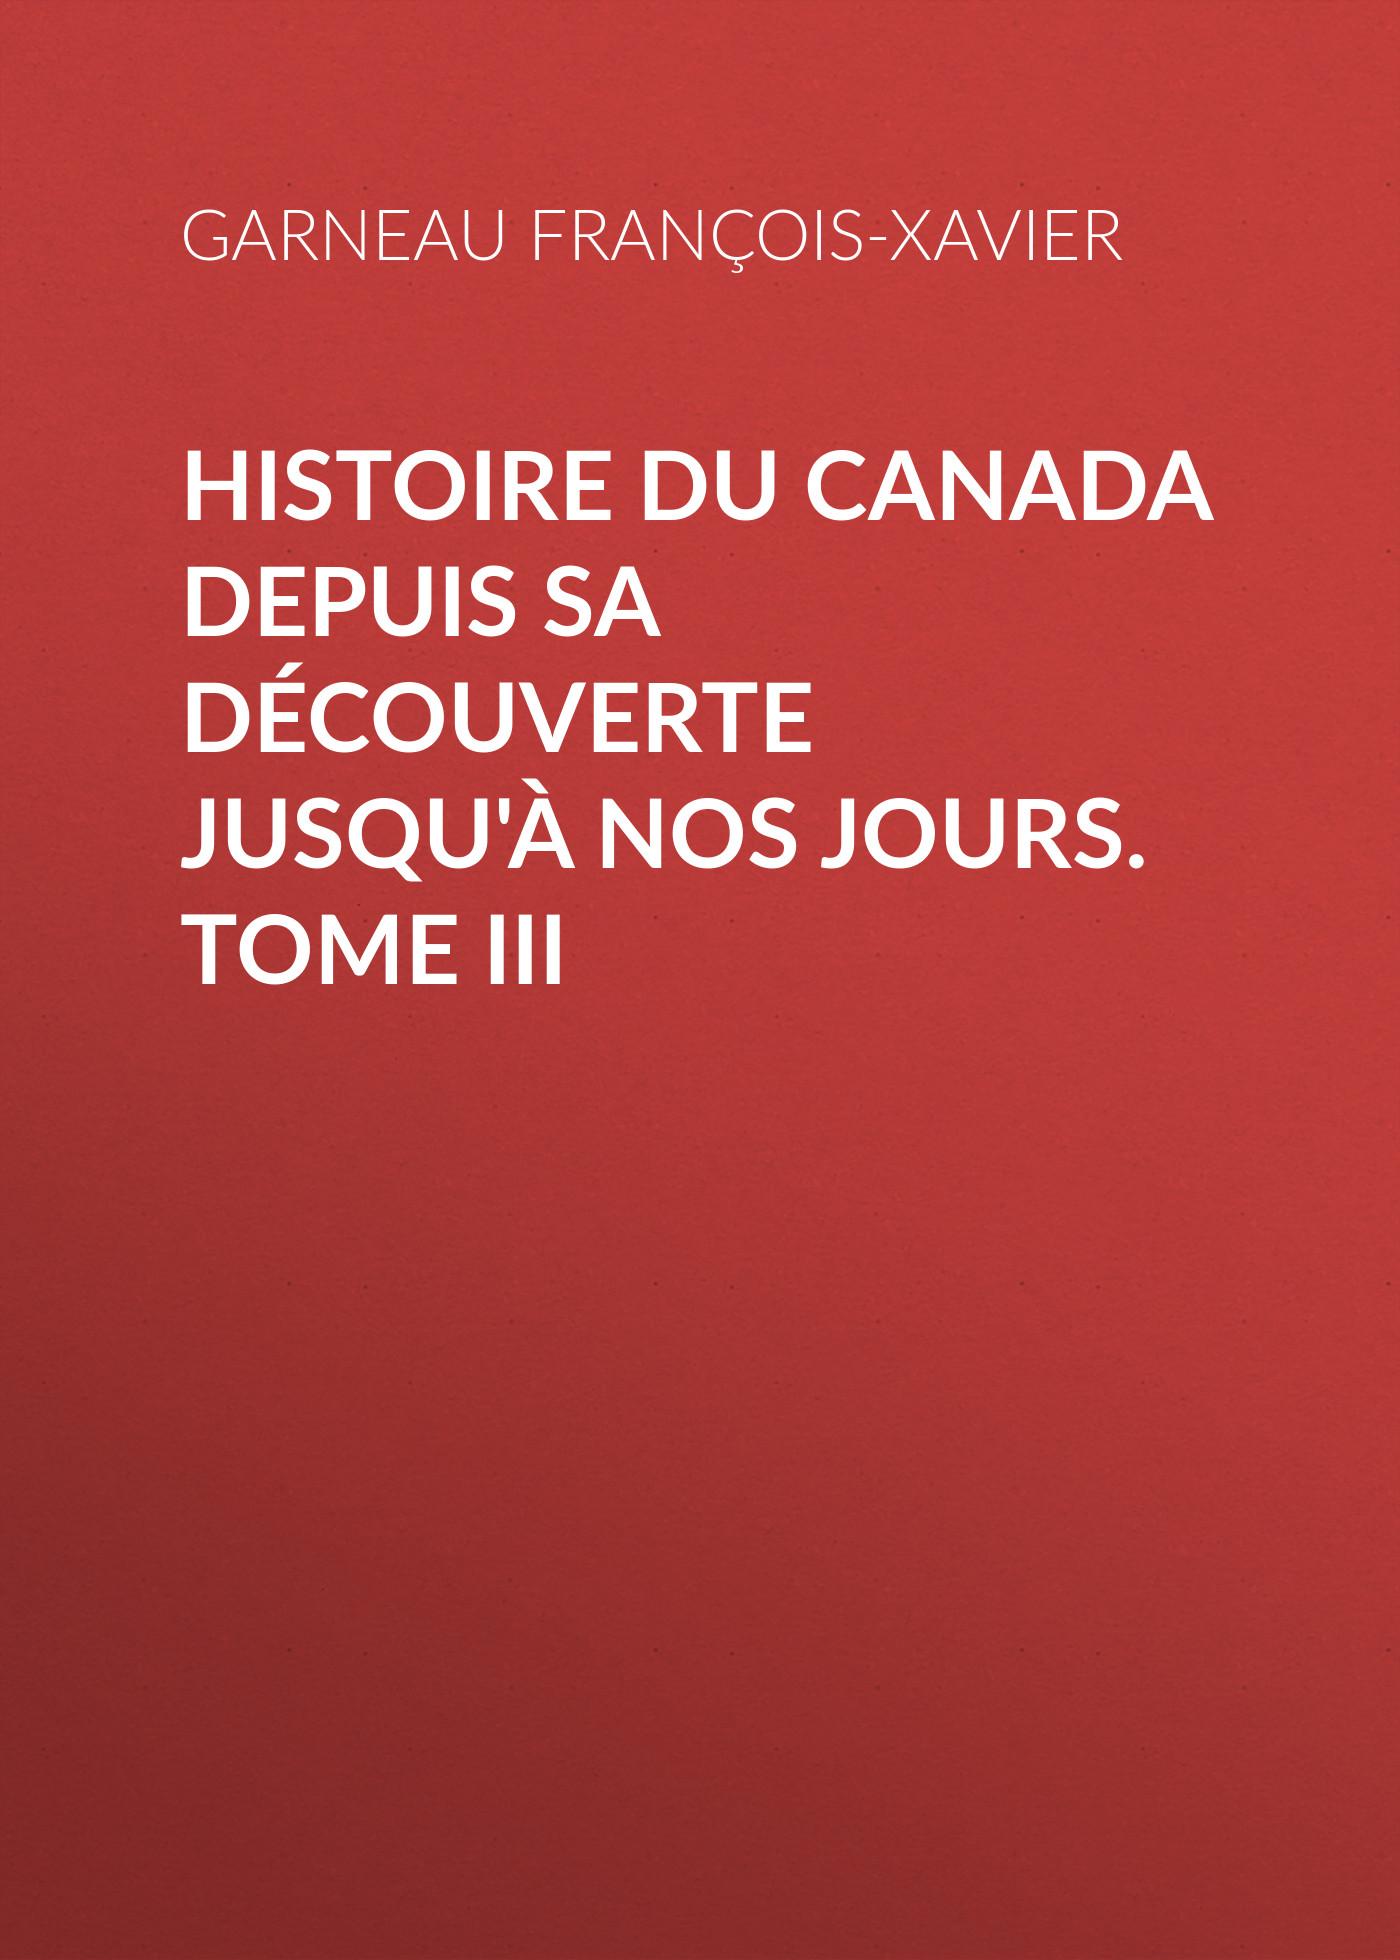 Garneau François-Xavier Histoire du Canada depuis sa découverte jusqu'à nos jours. Tome III françois daniel nos gloires nationales ou histoire des principales familles du canada 2